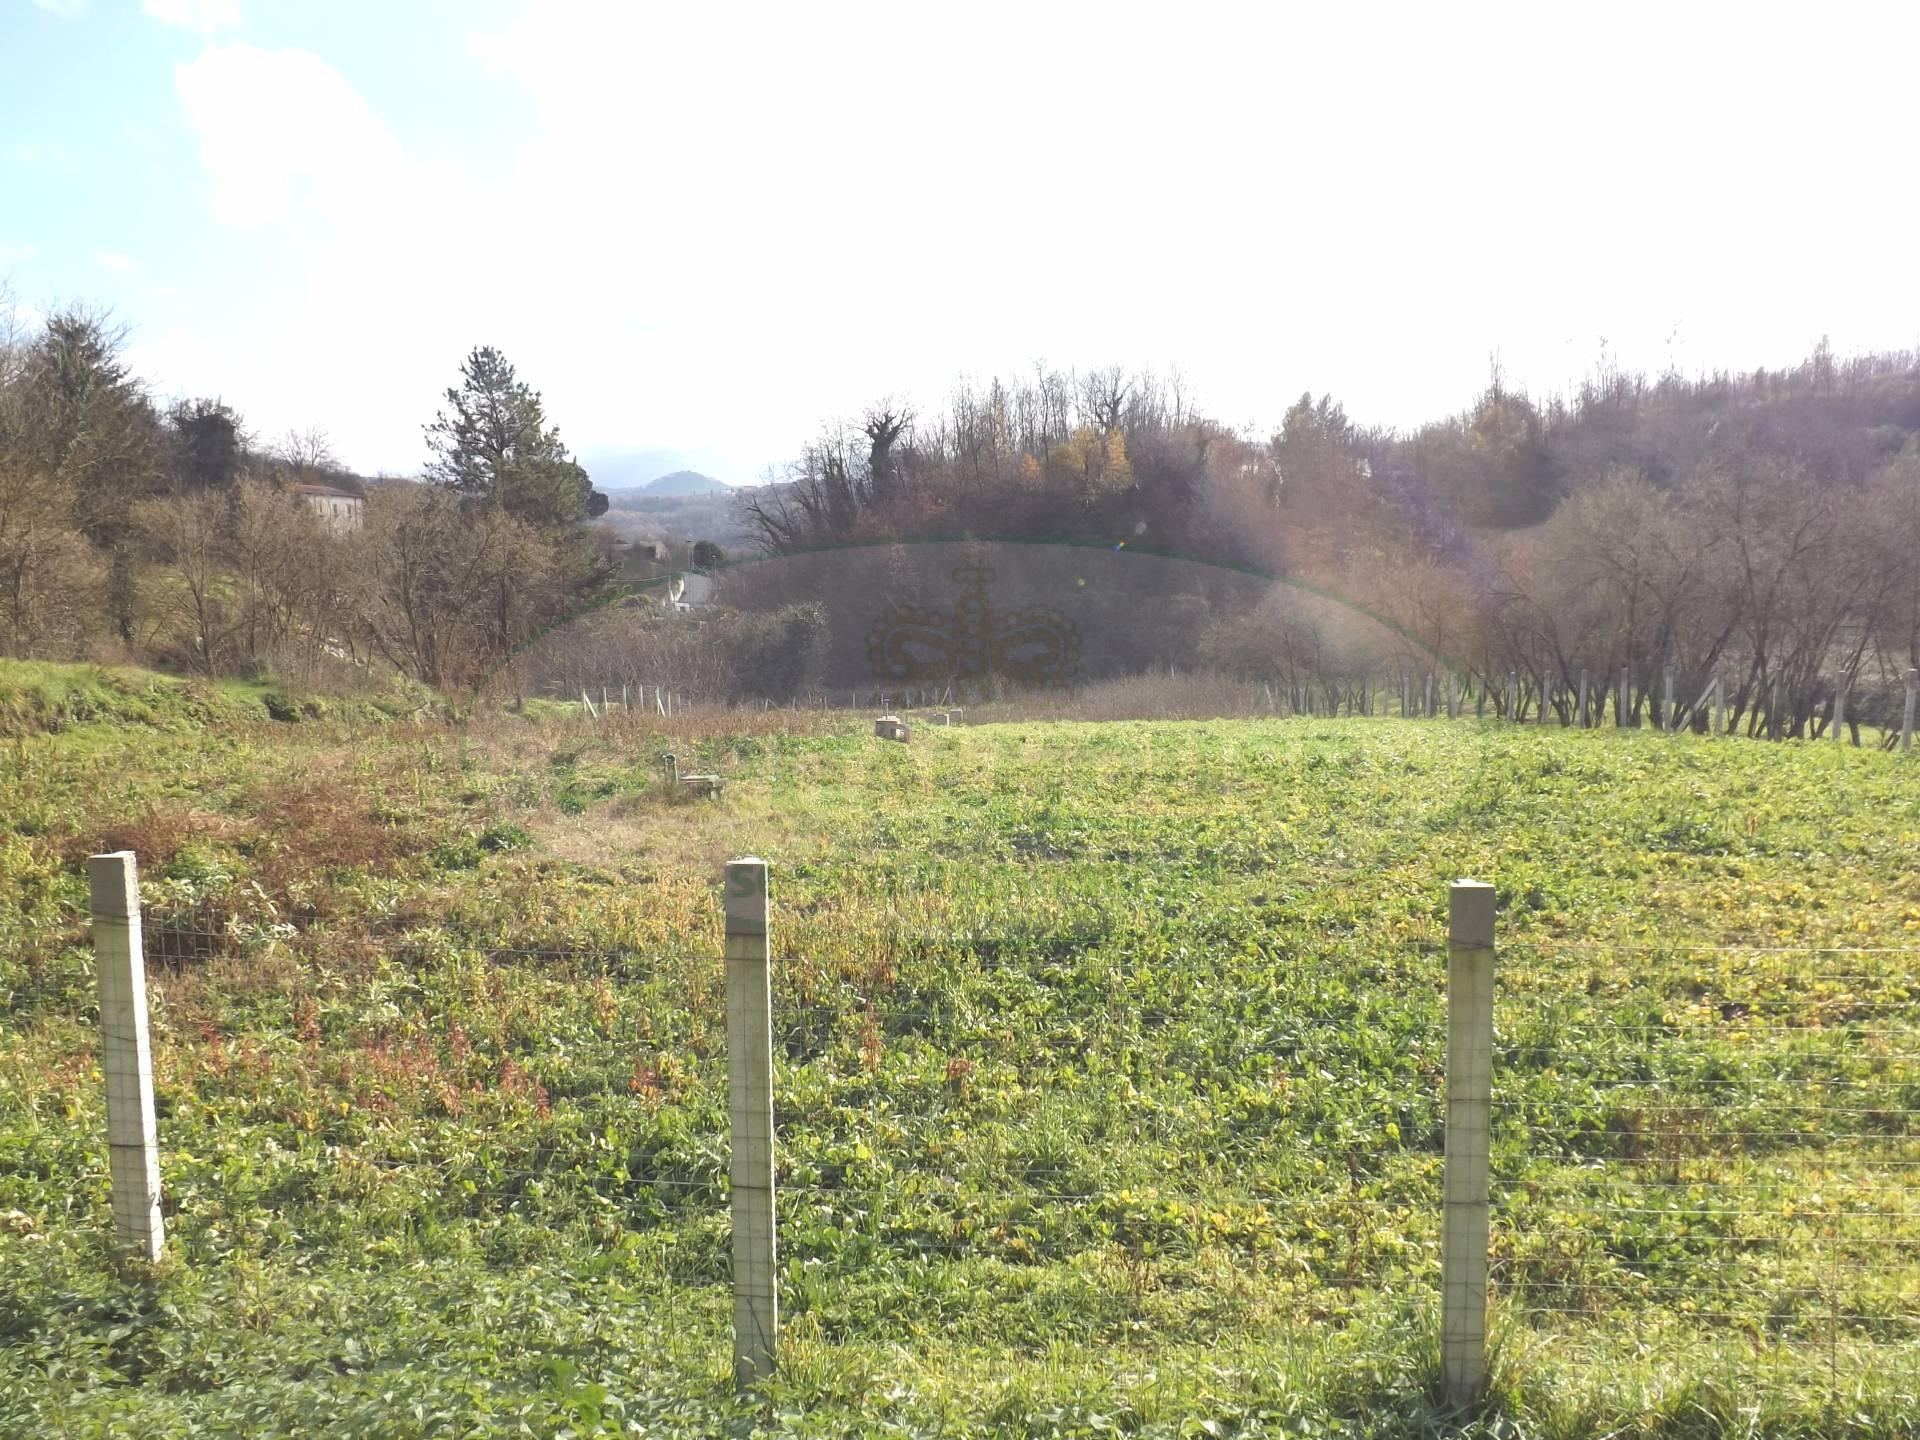 Terreno Agricolo in vendita a Prata di Principato Ultra, 9999 locali, prezzo € 30.000 | CambioCasa.it